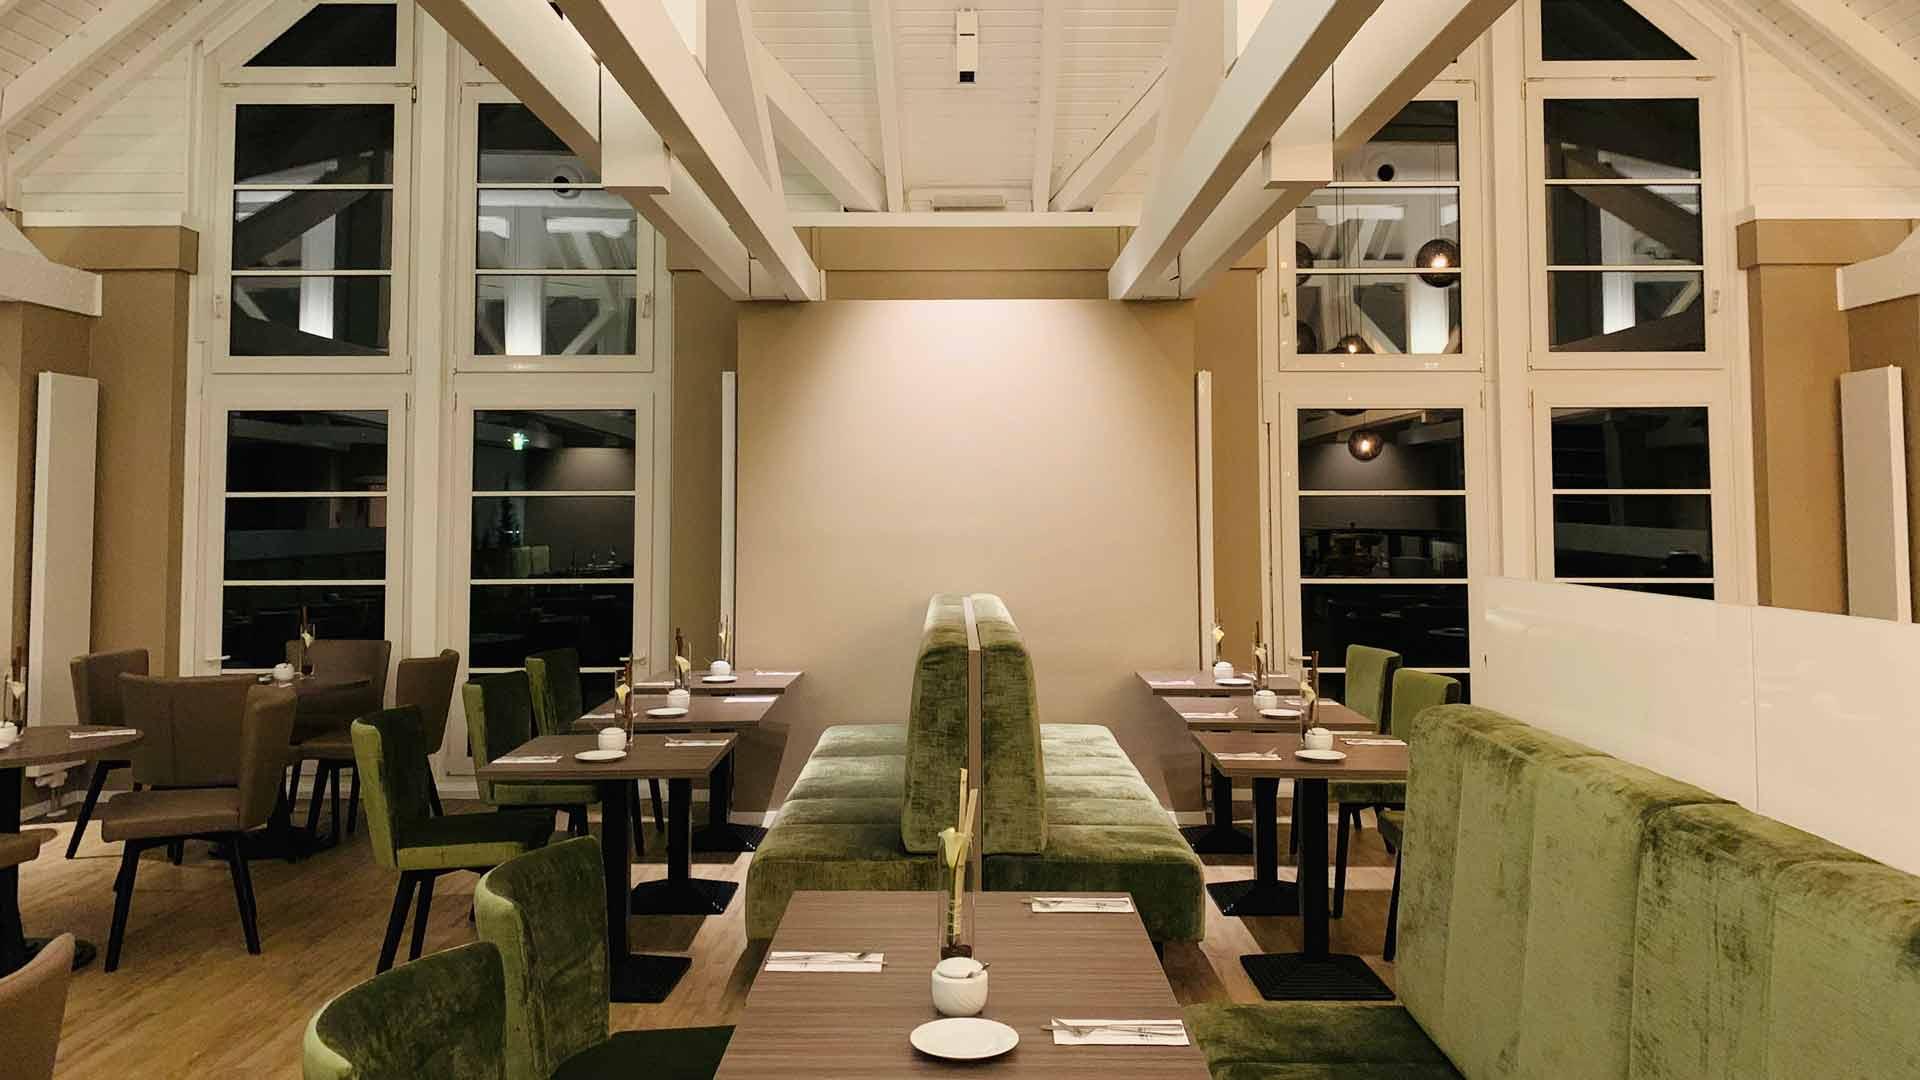 MAASS-Lichtplanung_Relexa Hotel Braunlage__MAASS-Licht_Relexa-Hotel_Restaurant